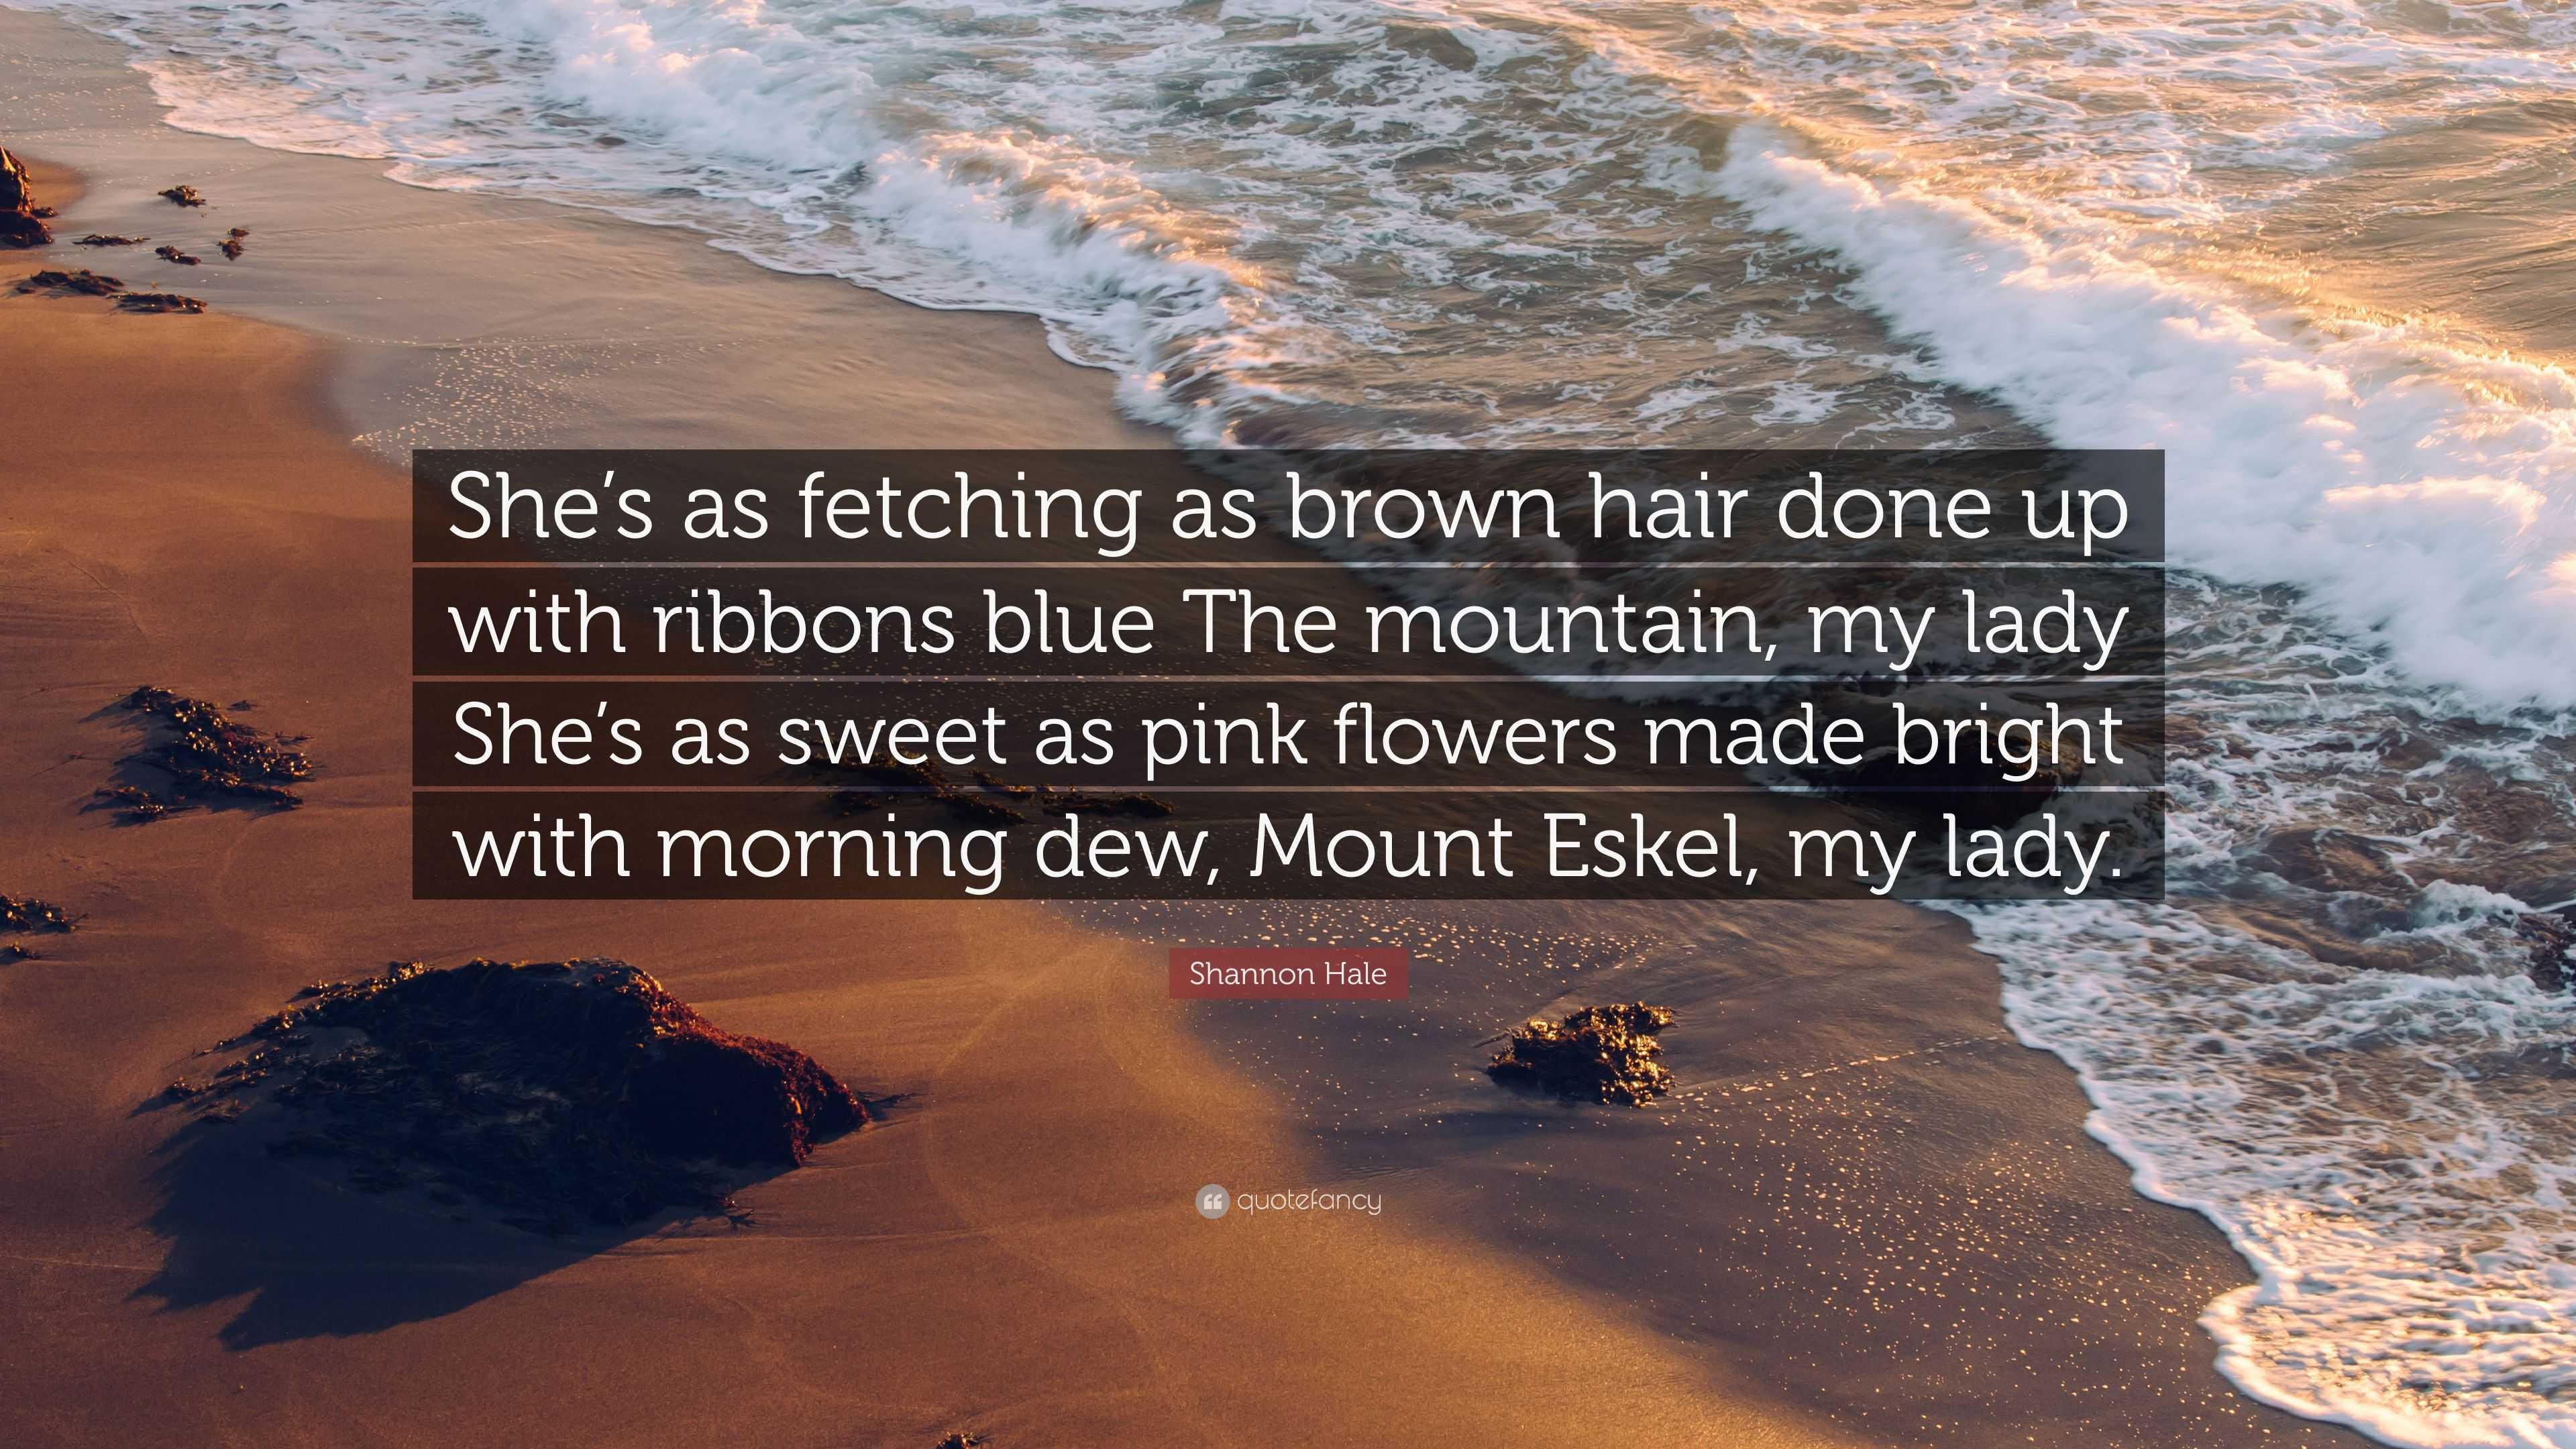 Mount Eskel